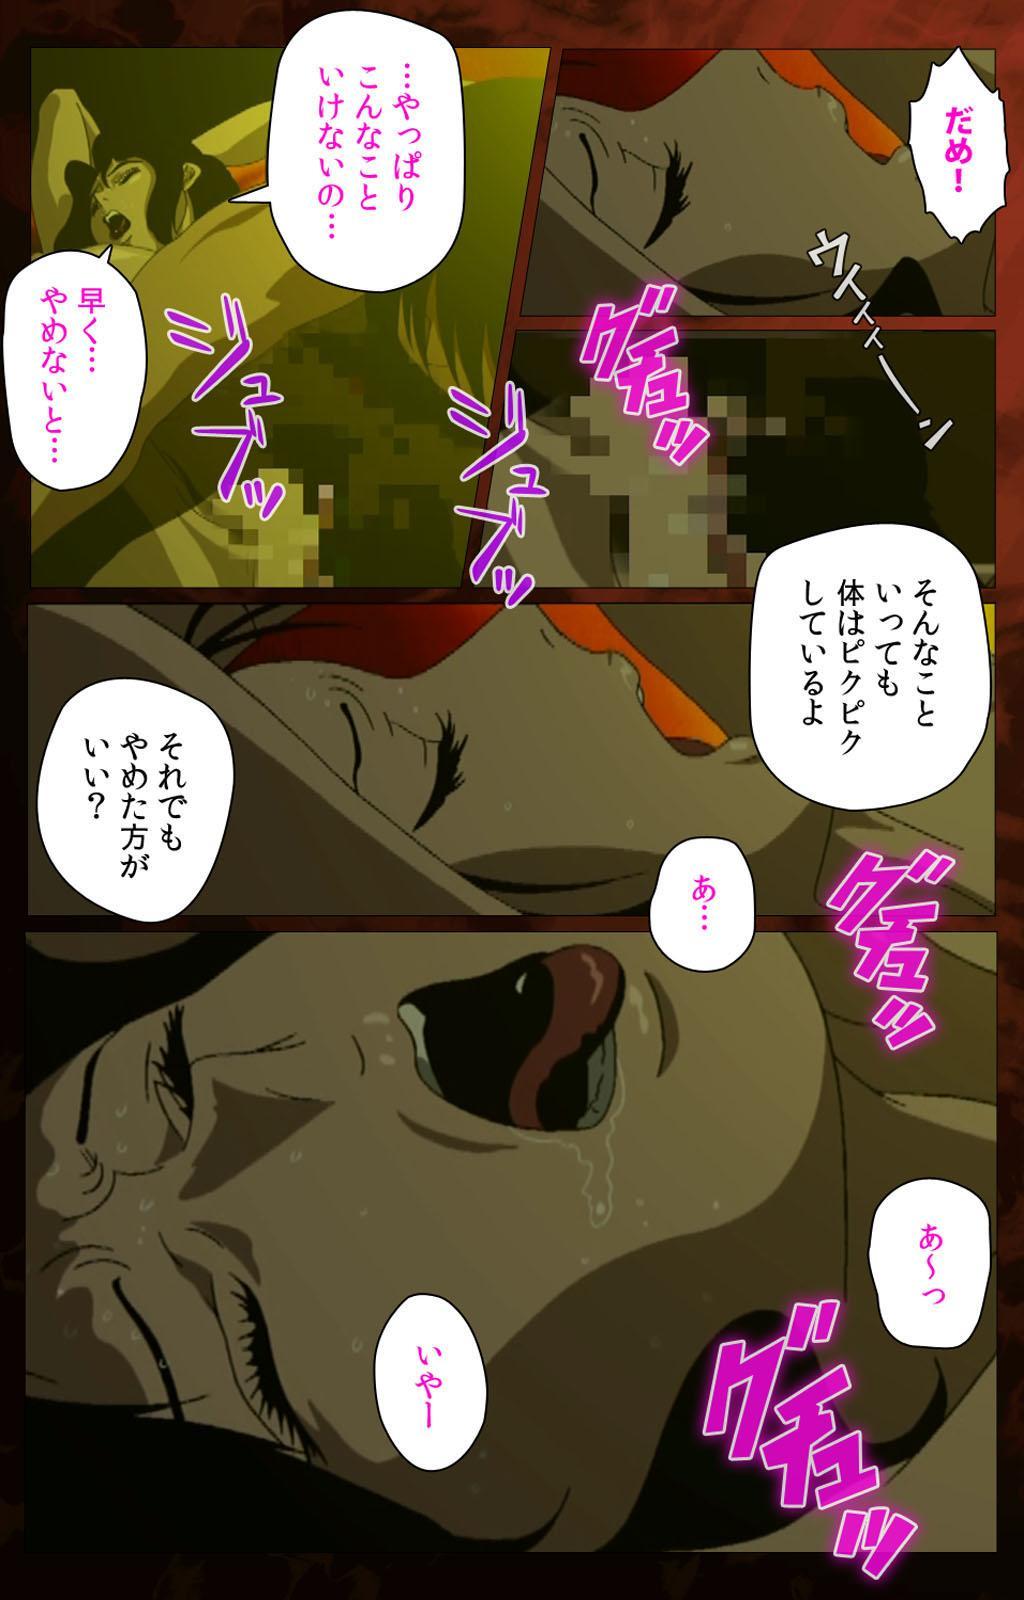 Gibo kanzenhan 98